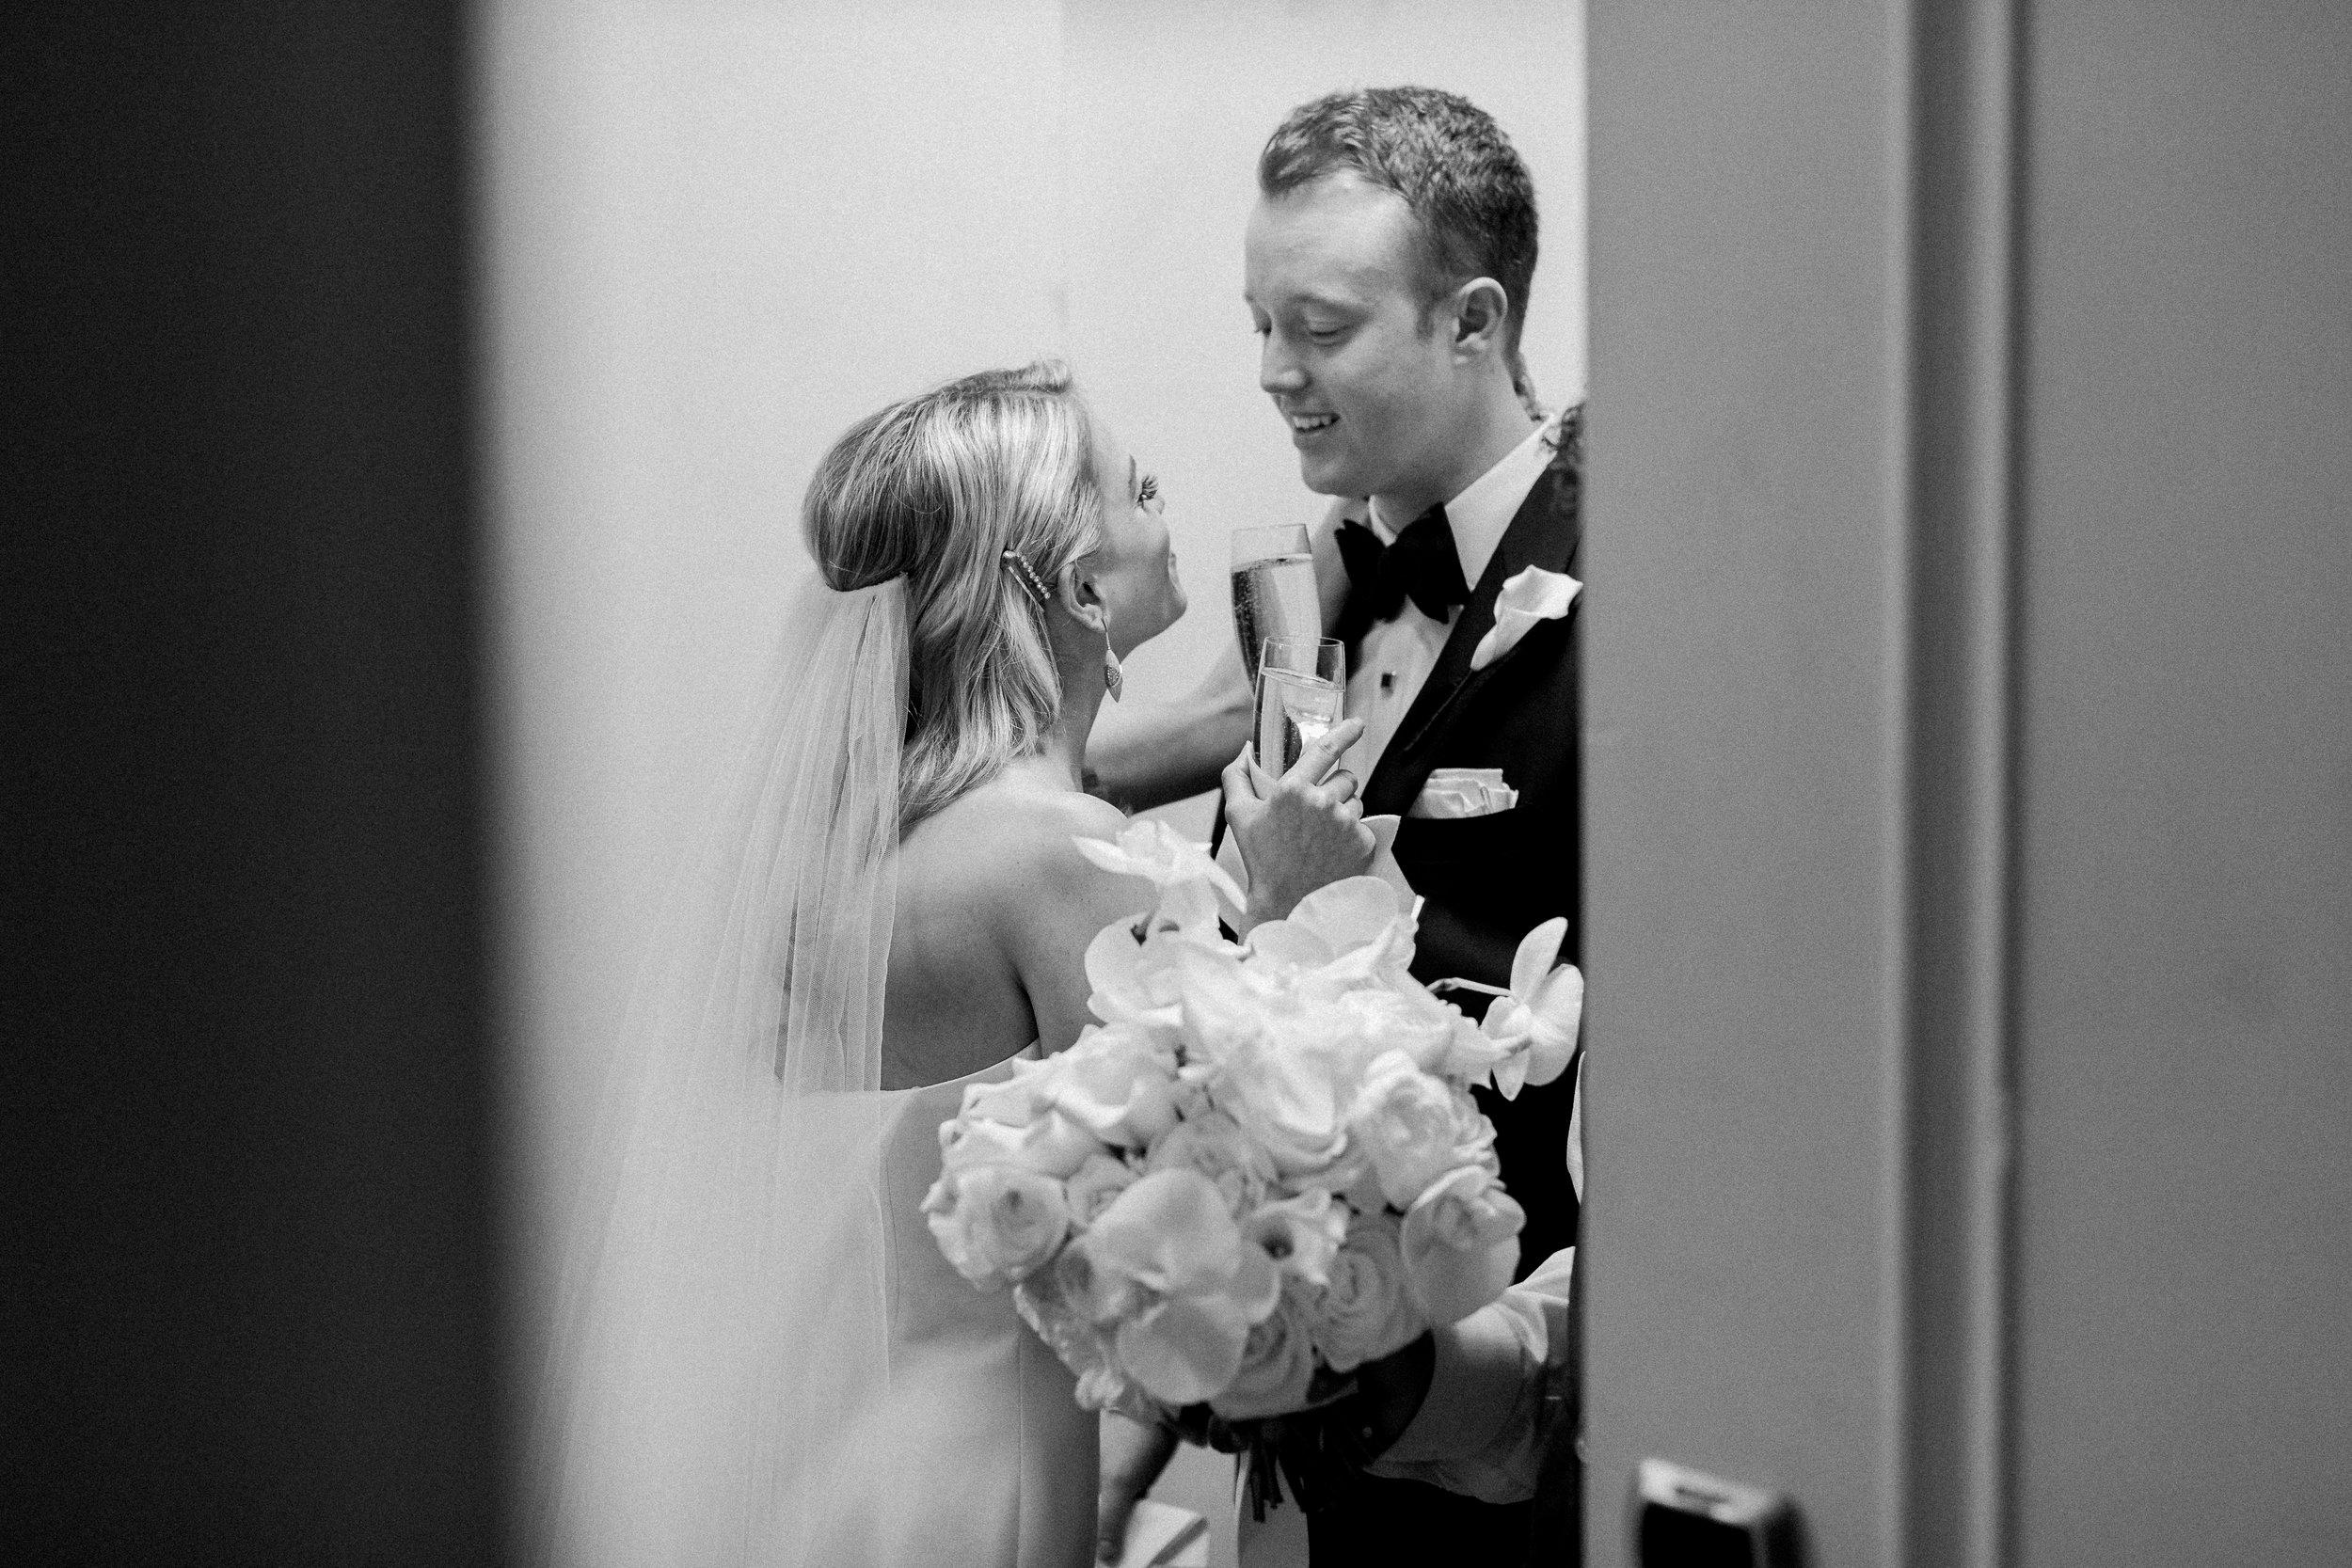 Ceremony - Adolphus Wedding - Dallas Wedding Planner - Allday Events - 88.jpg